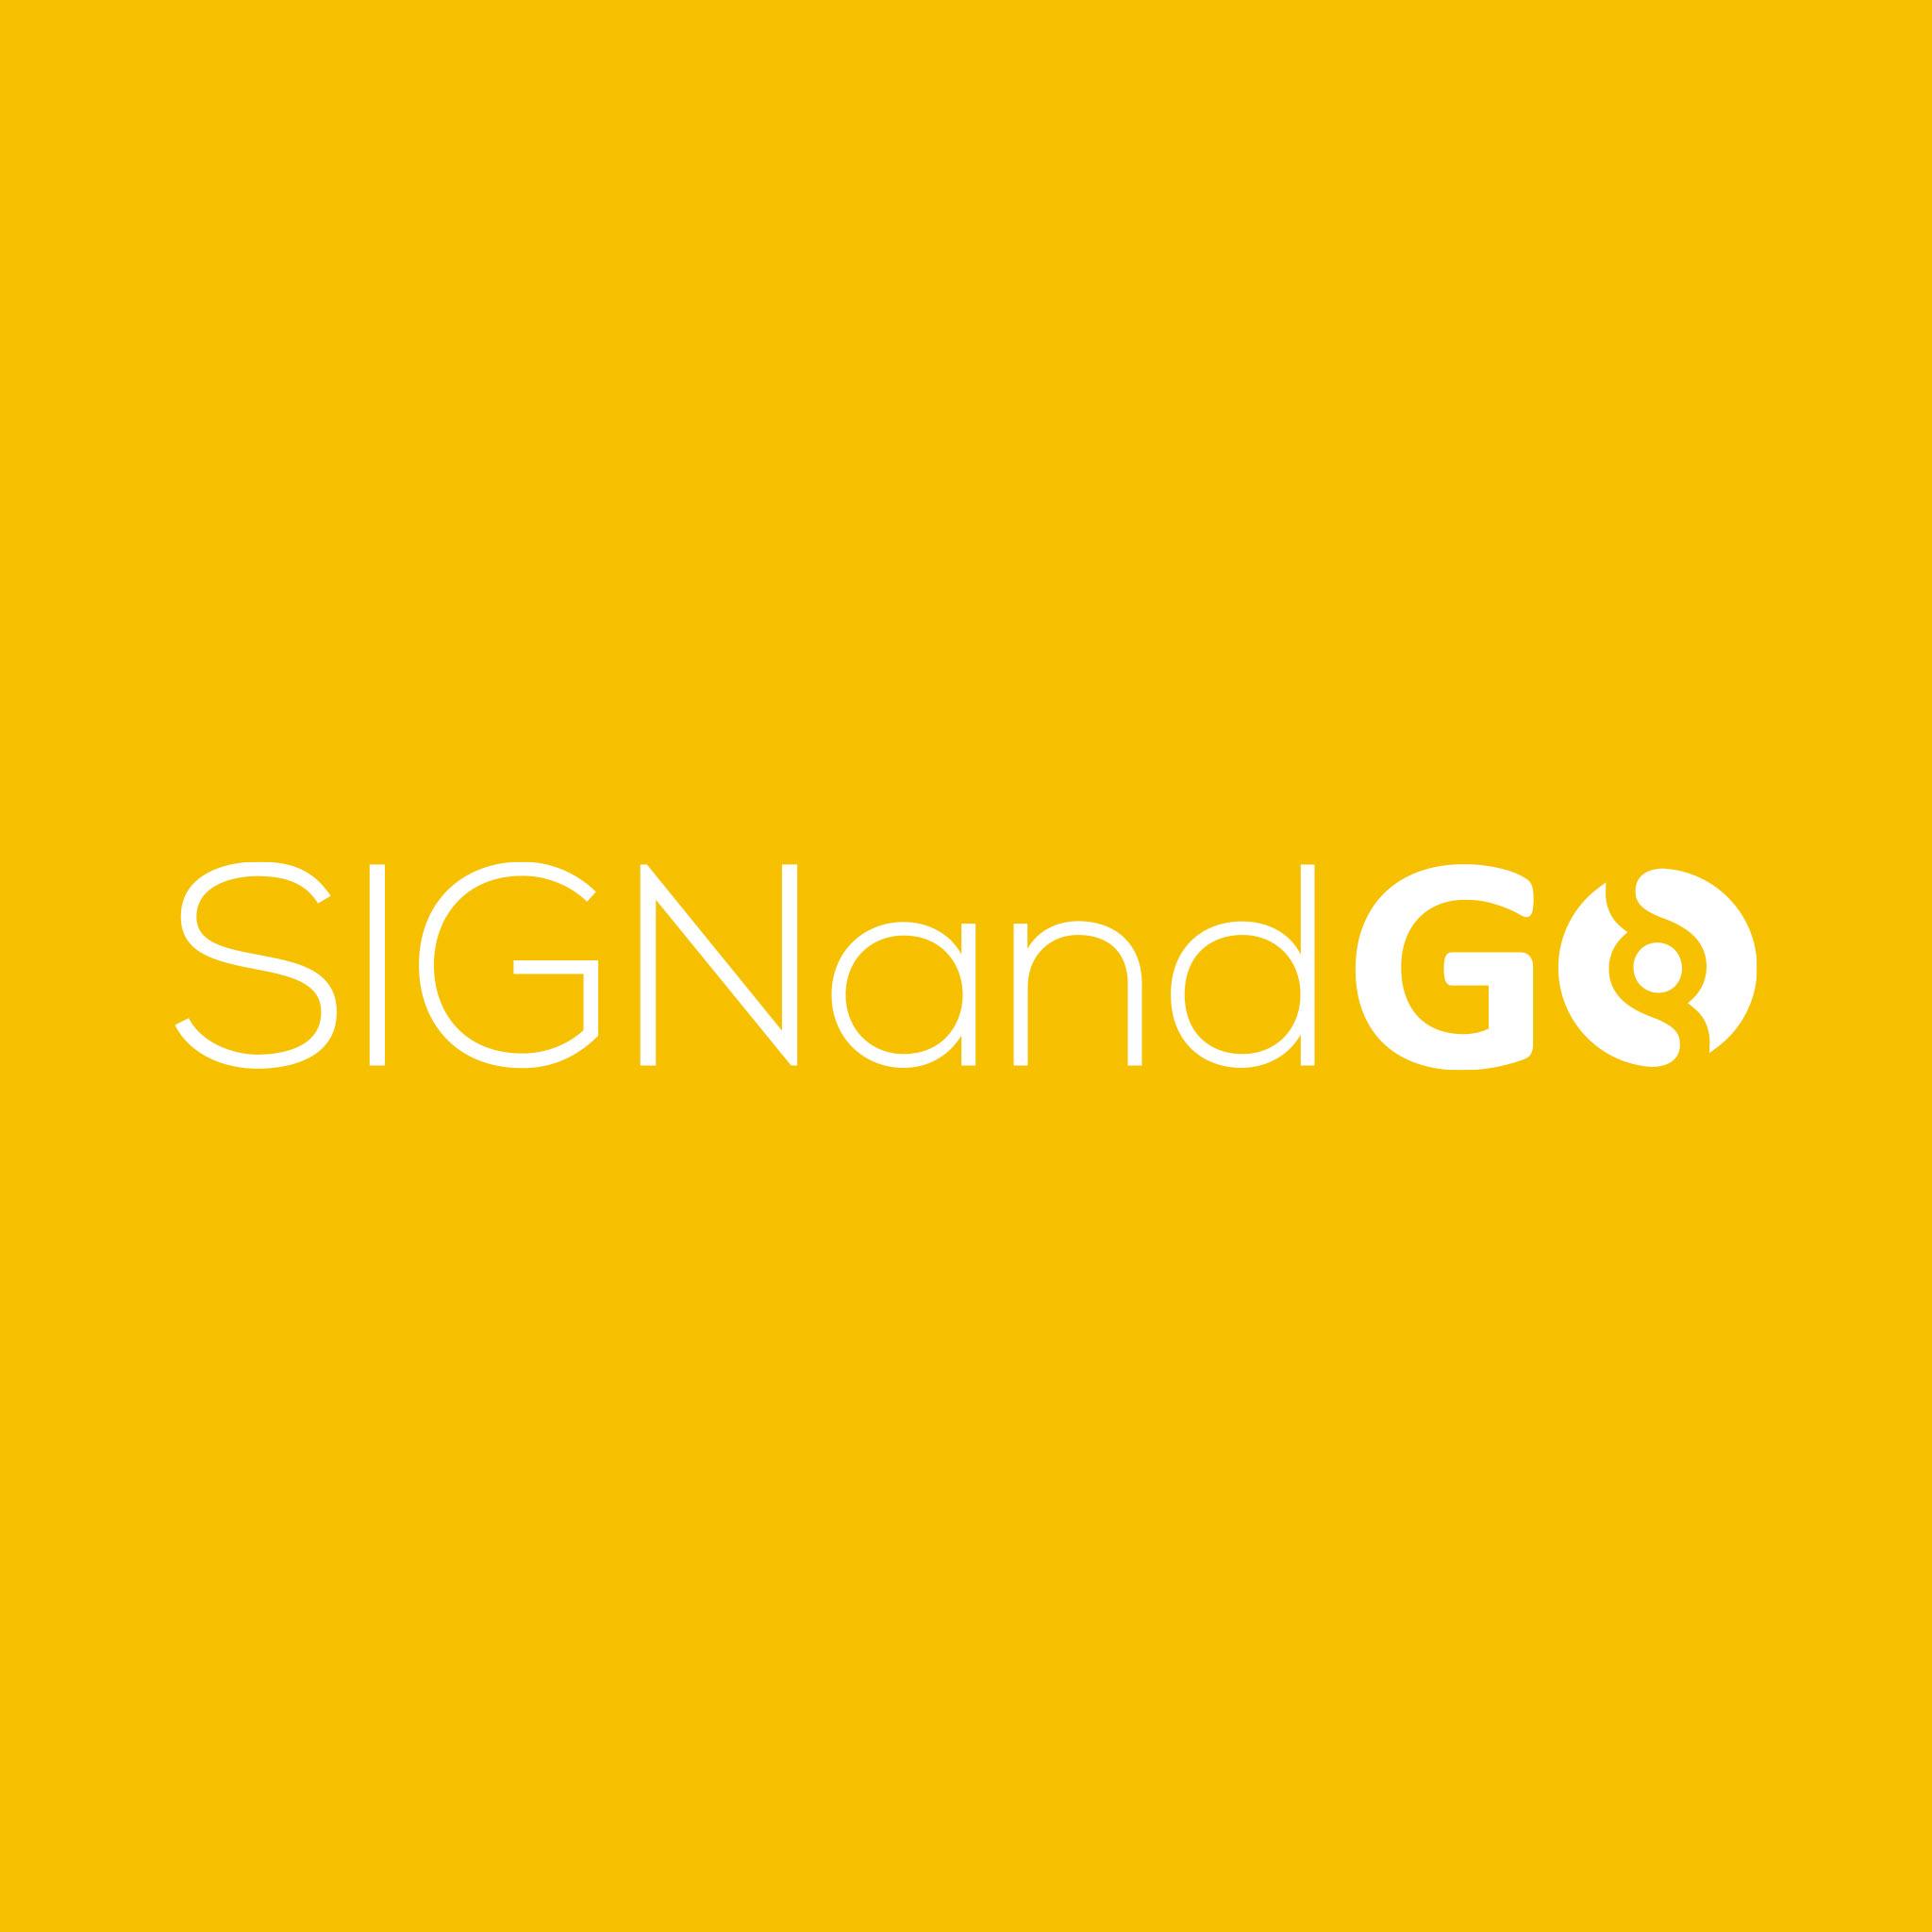 Office 365 tekliflerinizi SIGNandGO ile güçlendirin